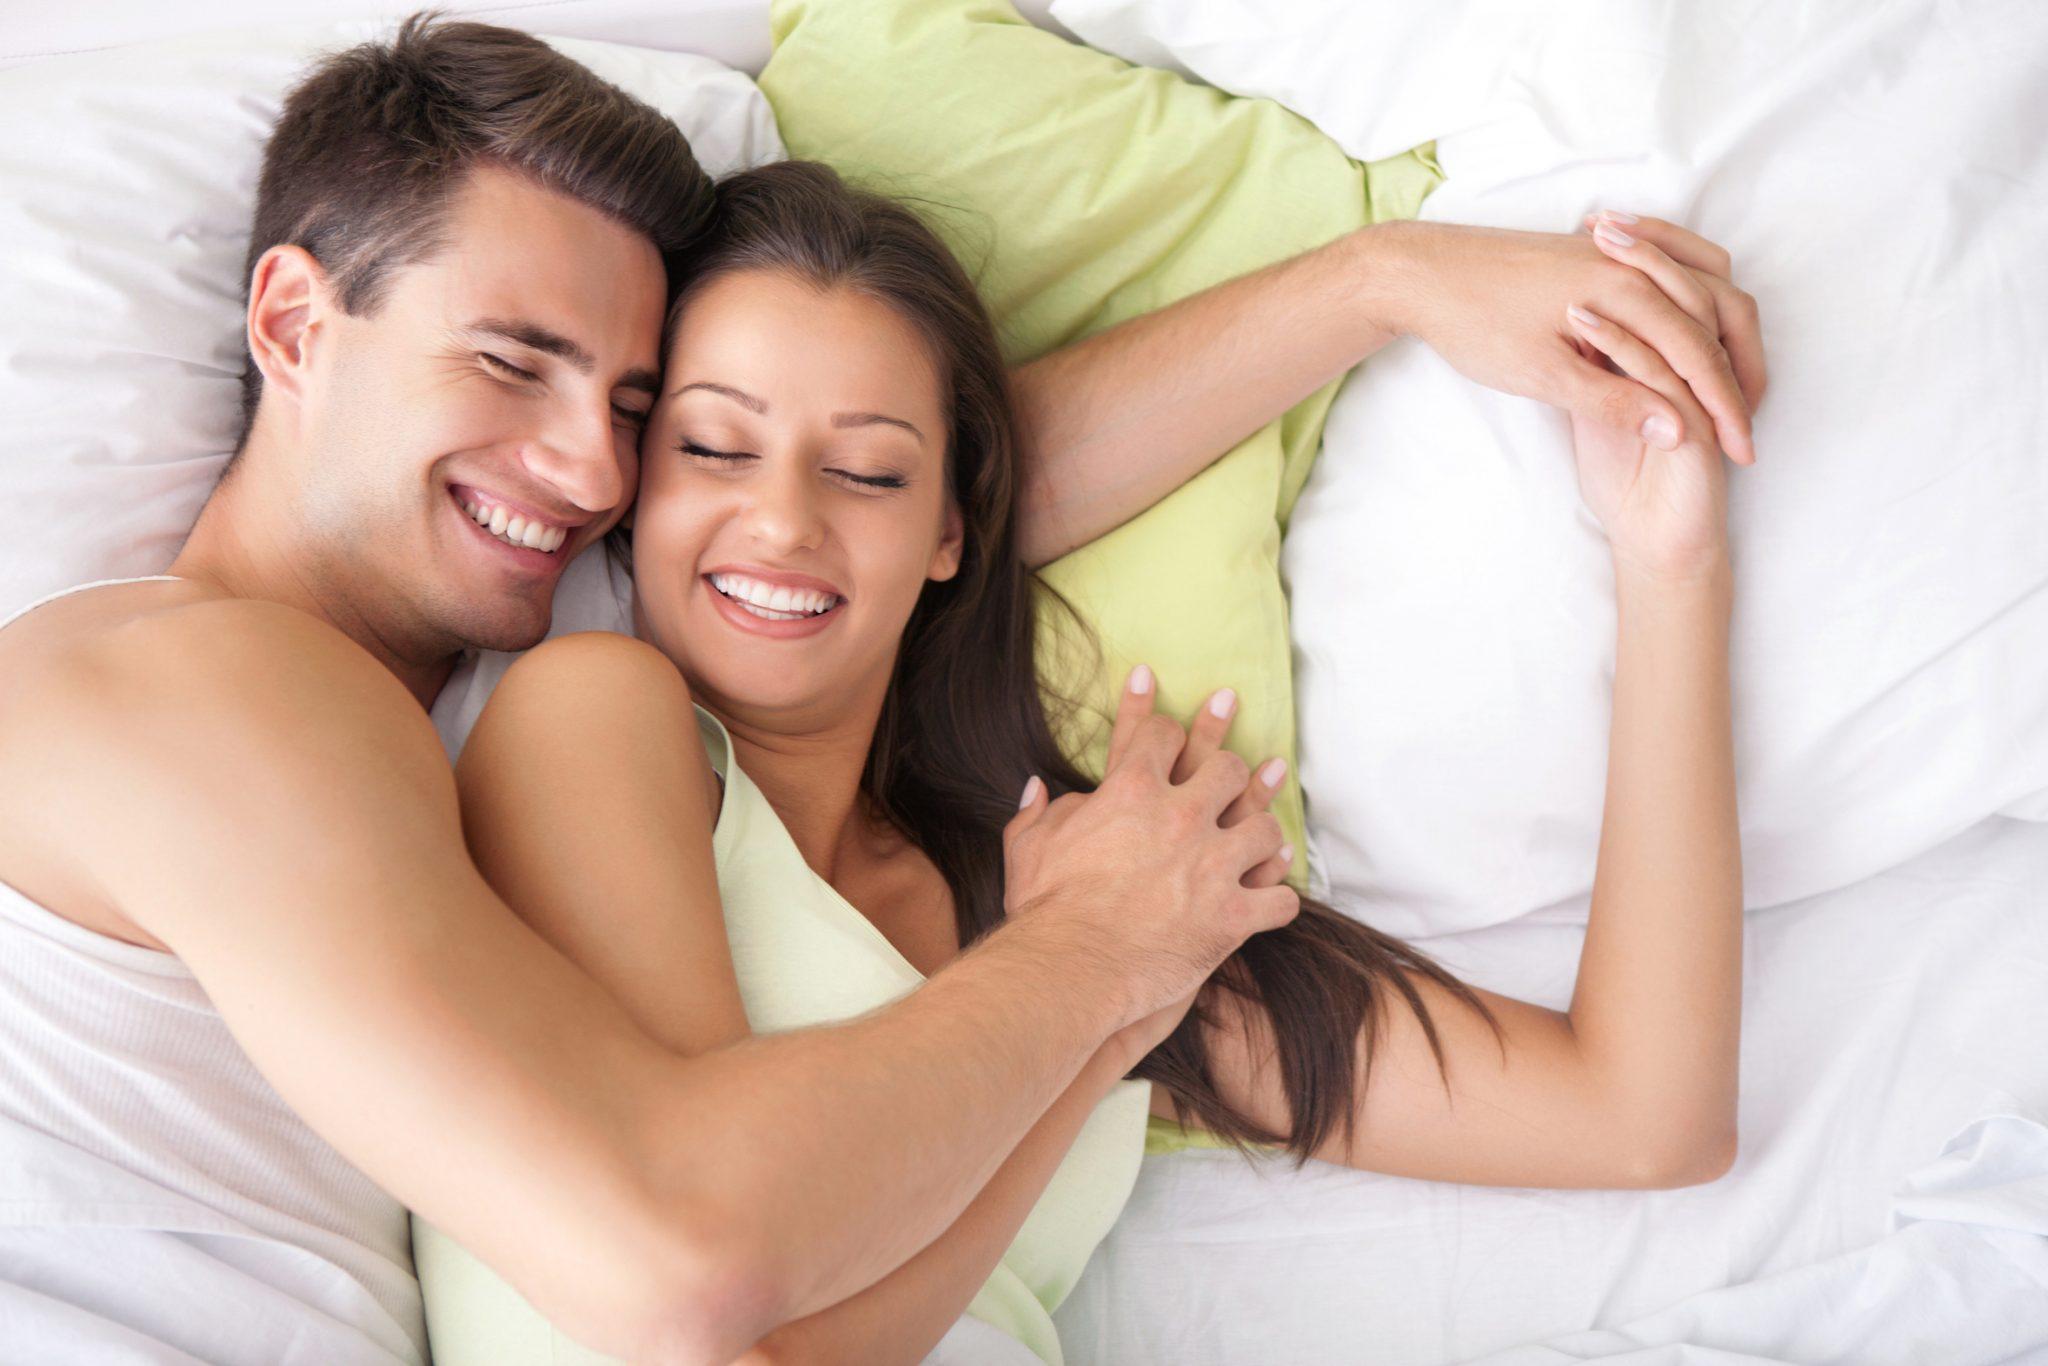 Thu hẹp âm đạo sau bao lâu có thể quan hệ được